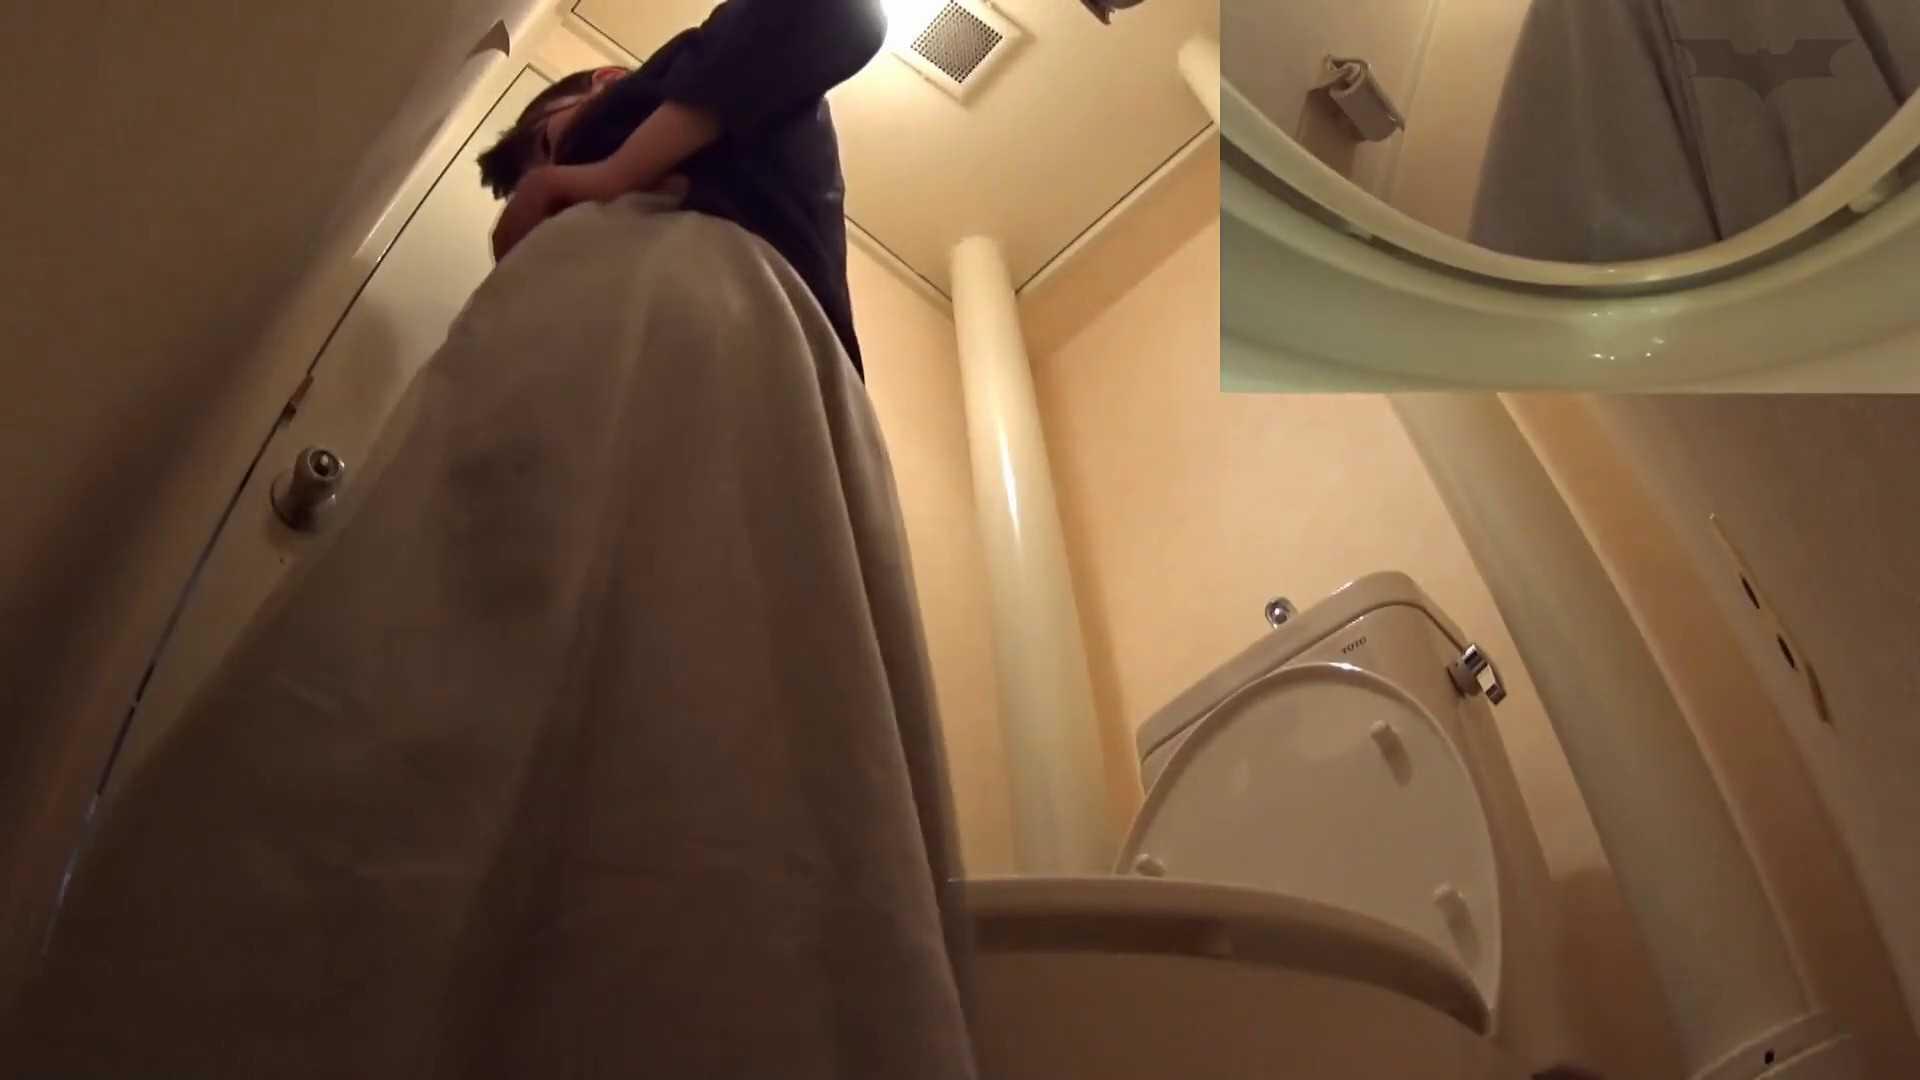 vol.05[洗面所]実はコレが目的でした。 洗面所のぞき スケベ動画紹介 112枚 46